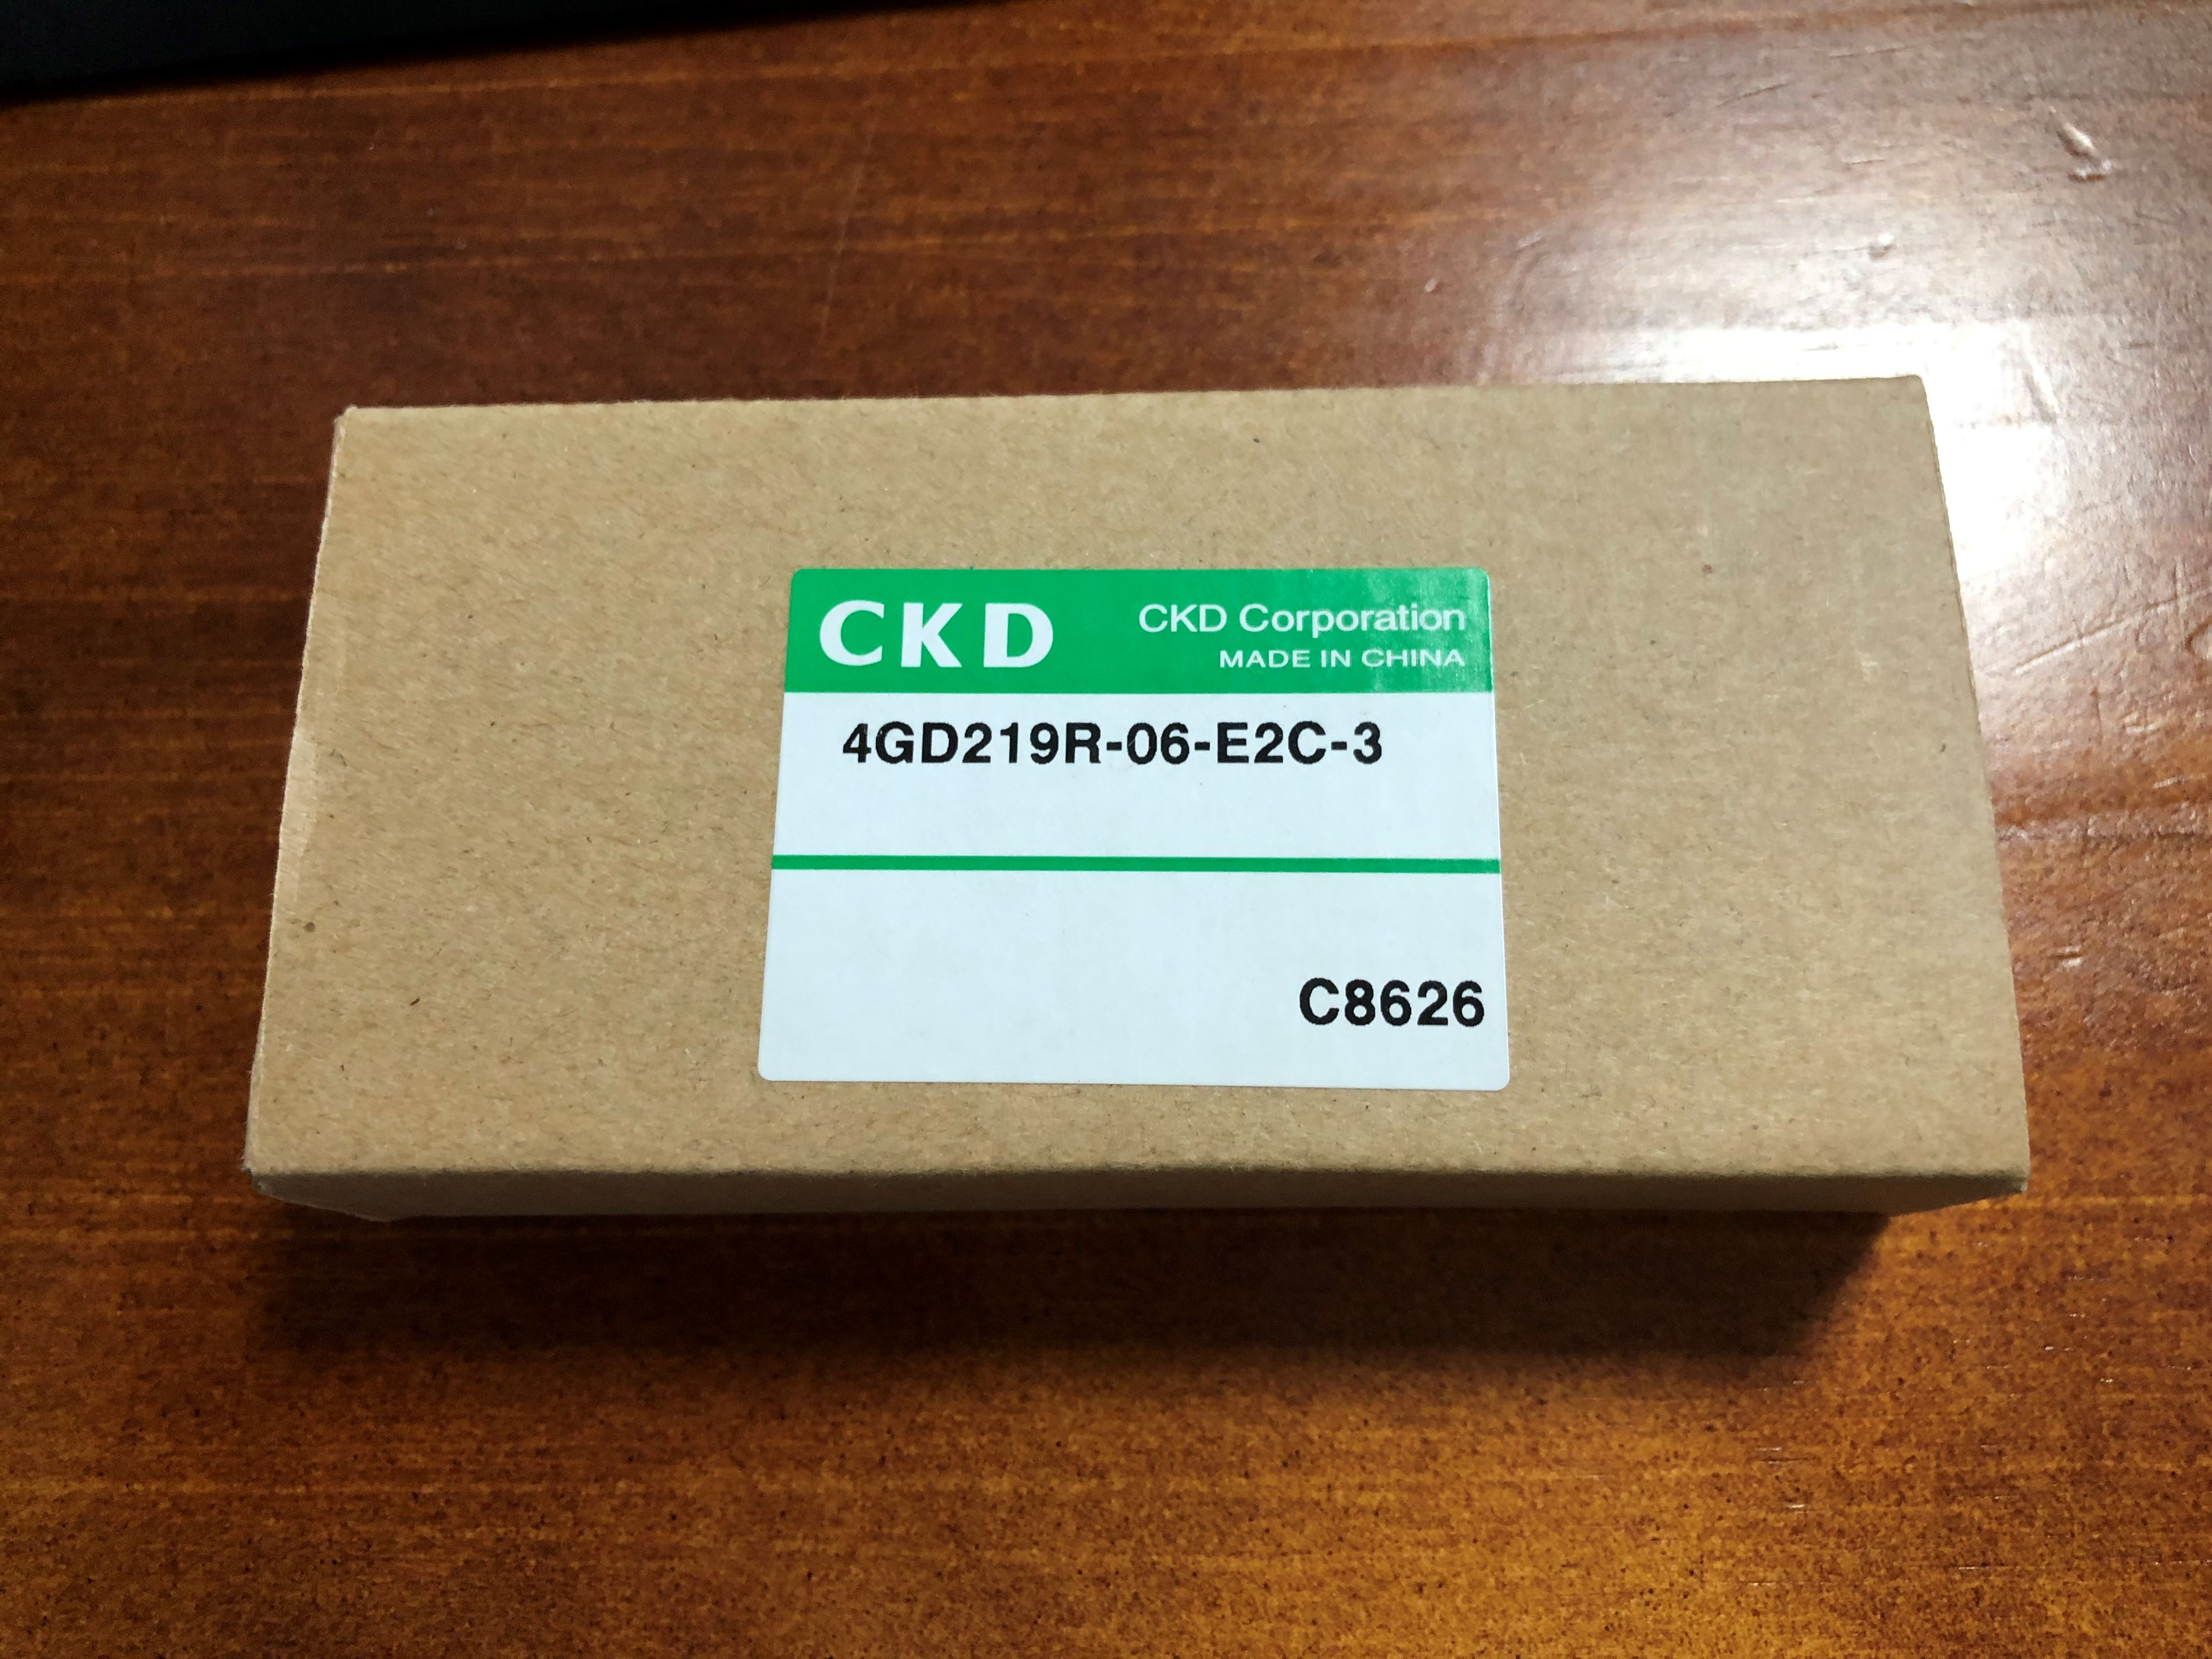 4GD219R-06-E2C-3